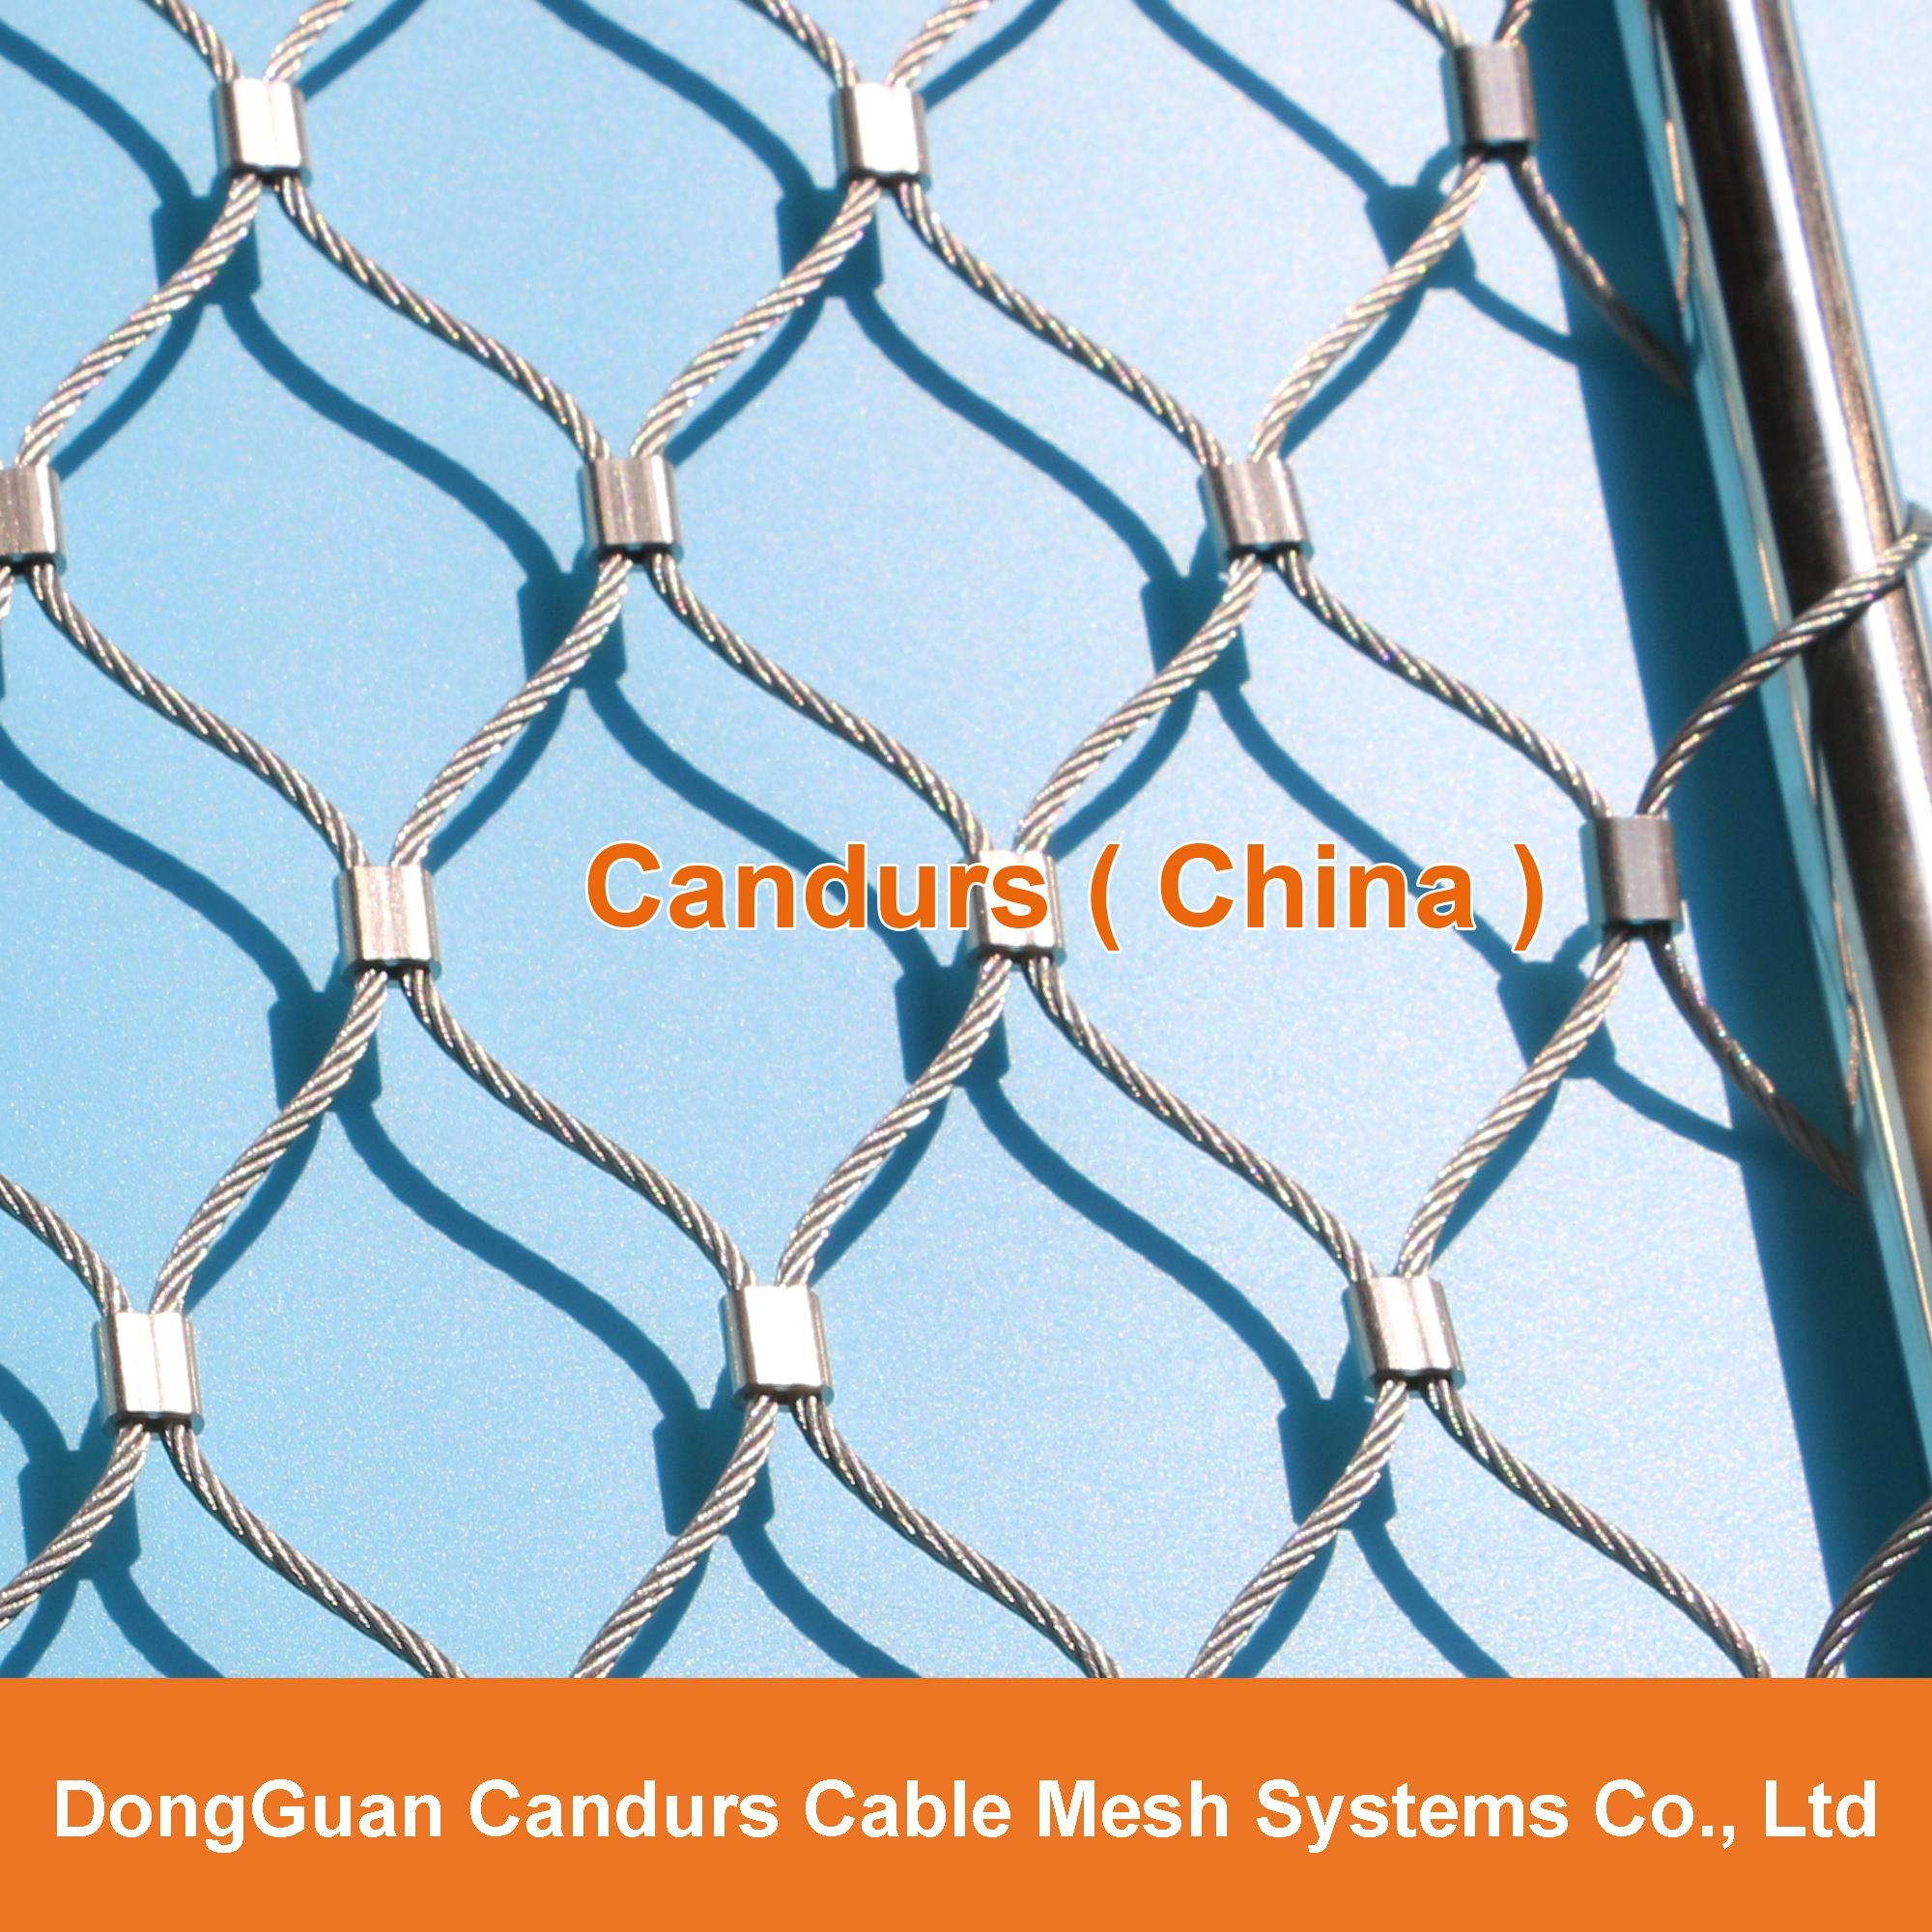 套环网-不锈钢丝绳套环网 16